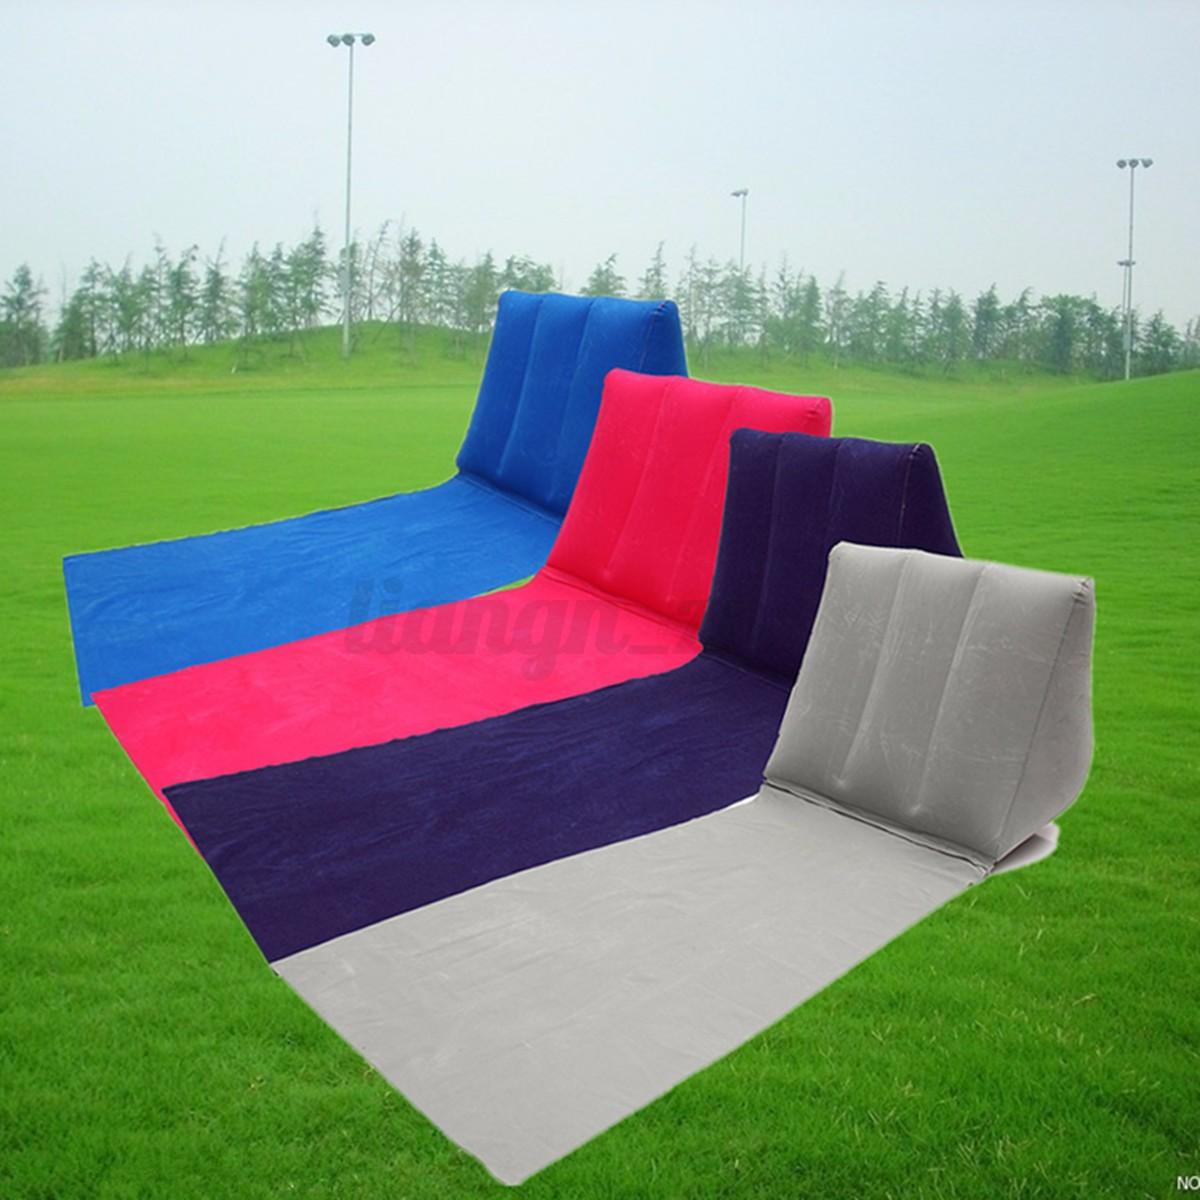 Gonflable plage transat retour oreiller coussin de chaise for Chaise gonflable